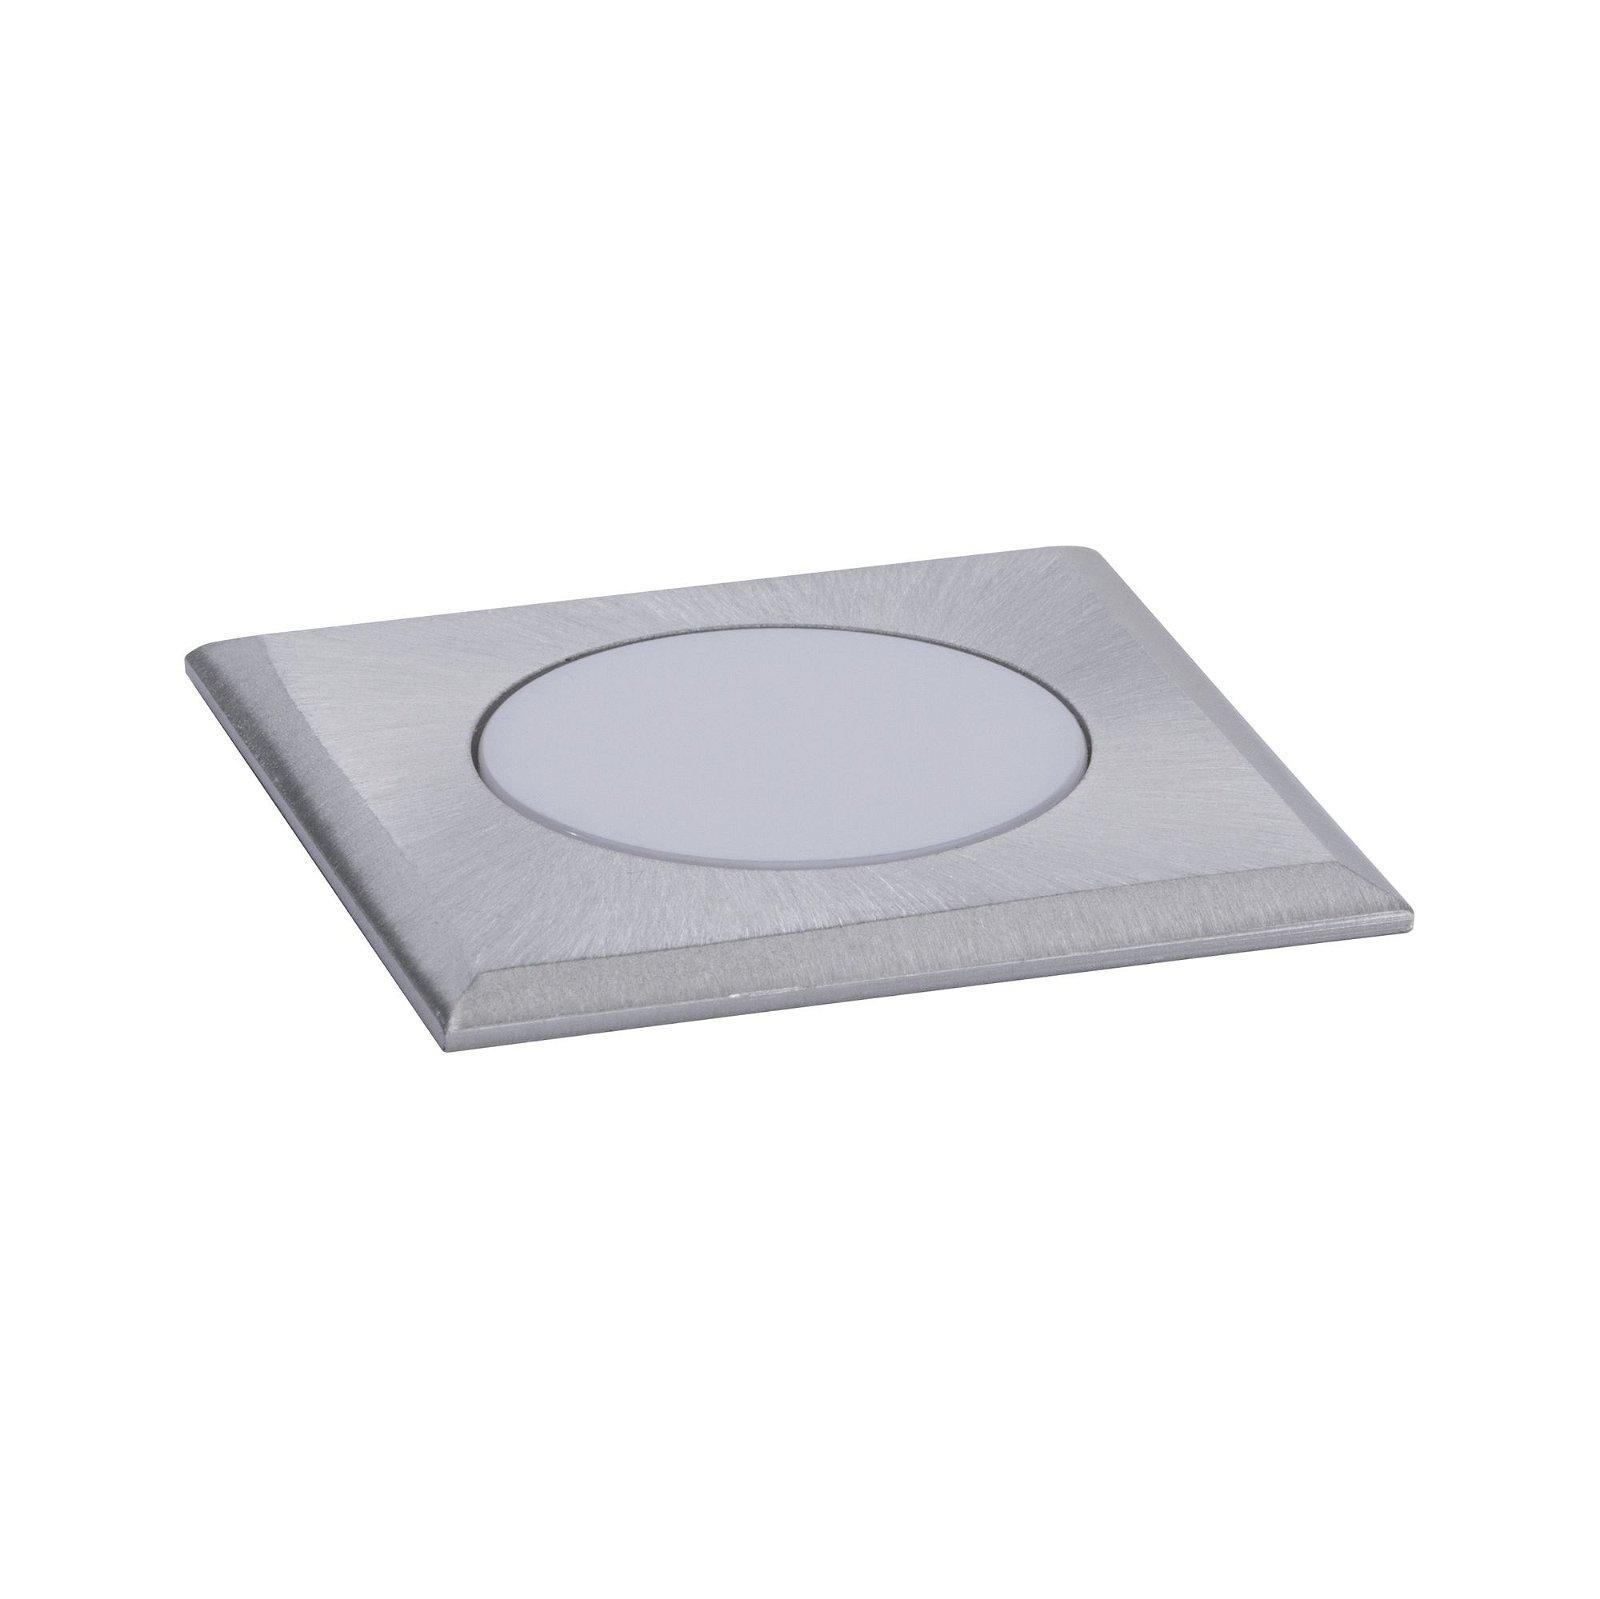 House Encastré de sol LED IP65 carré 50x50mm 3000K 2W 210lm 230V Acier inoxydable brossé Acier inoxydable/Matière plastique